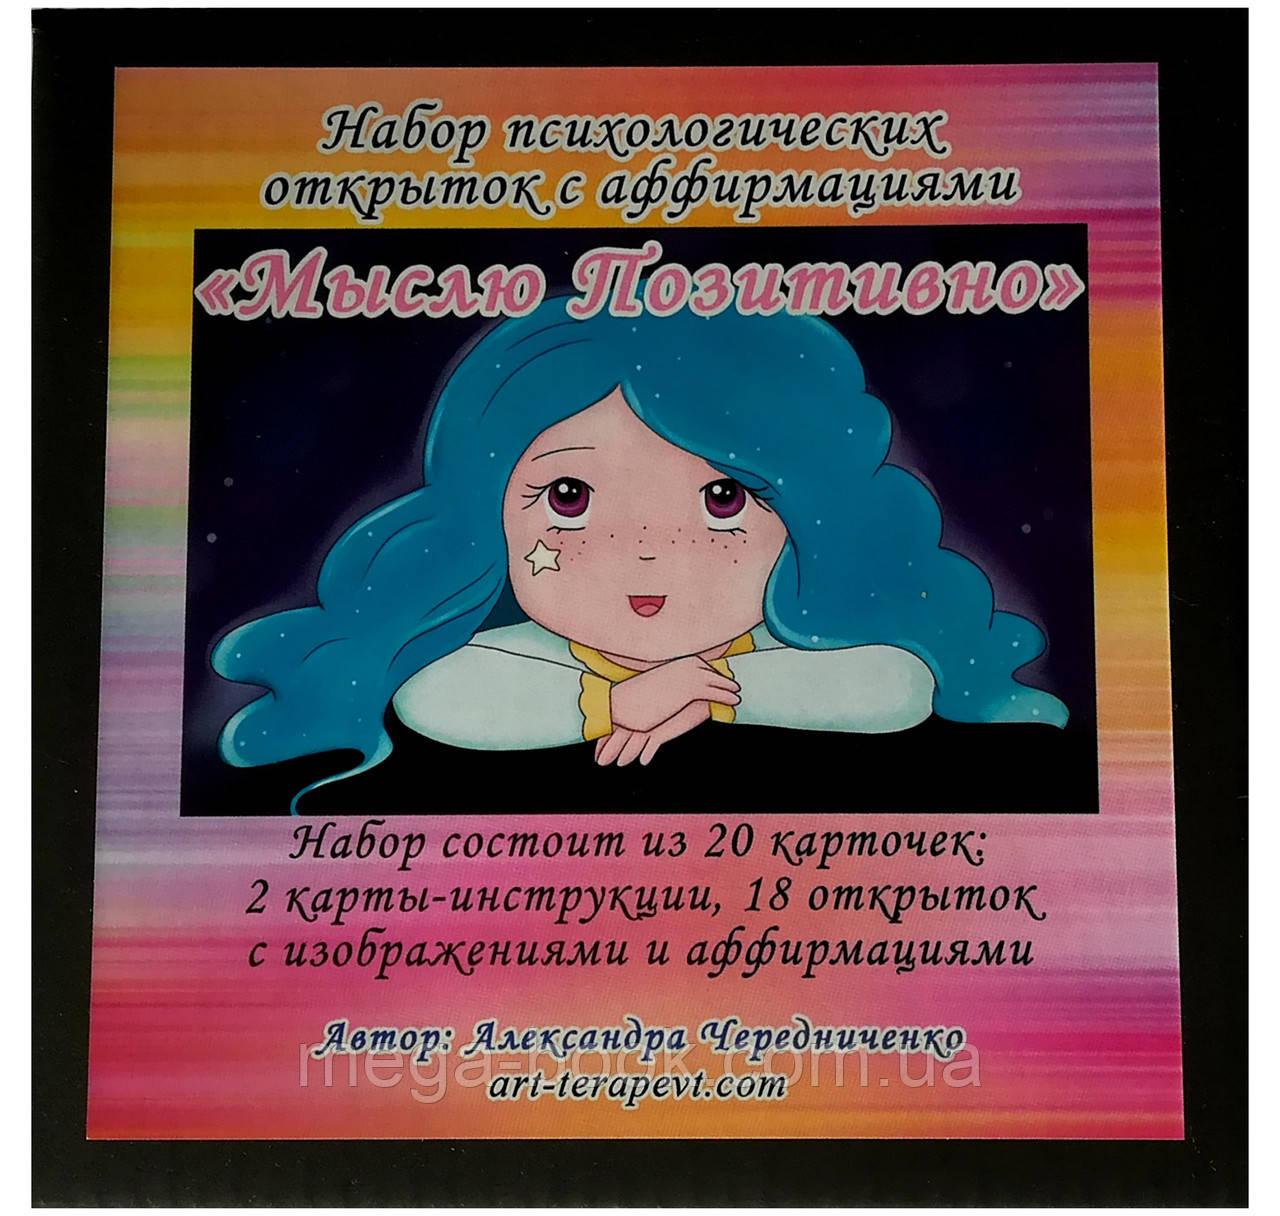 Психологические открытки с аффирмациями «Мыслю Позитивно»